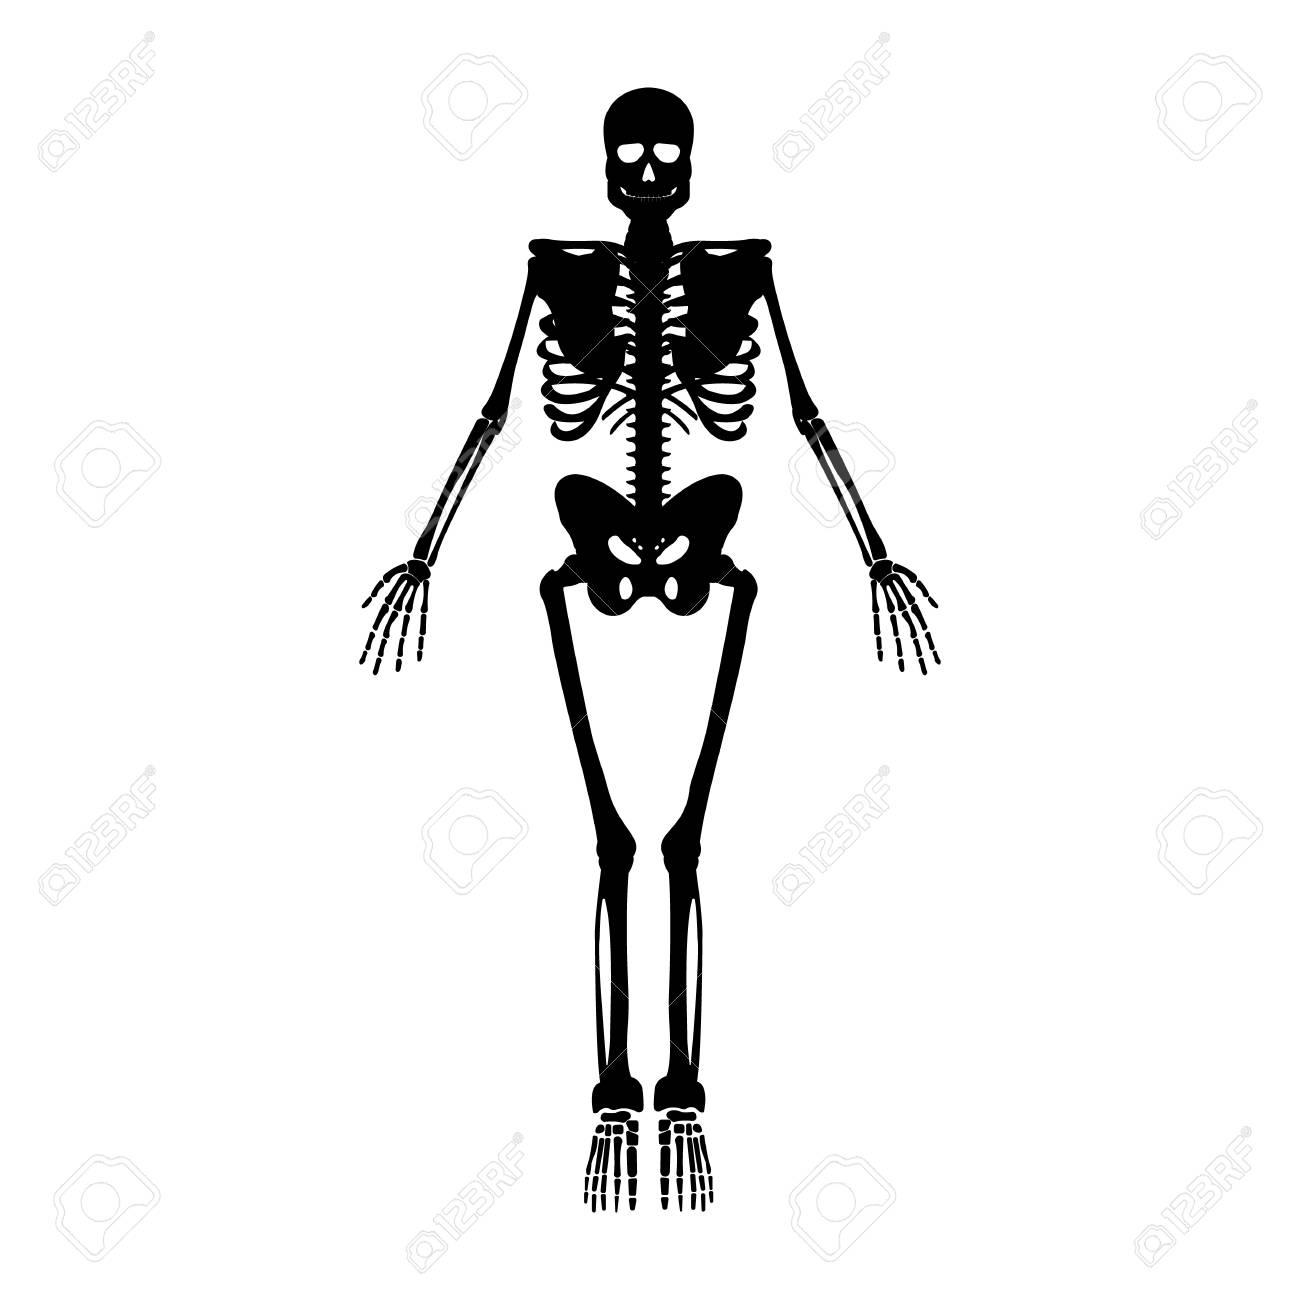 Niedlich Menschliches Skelett Gekennzeichnet Galerie - Menschliche ...